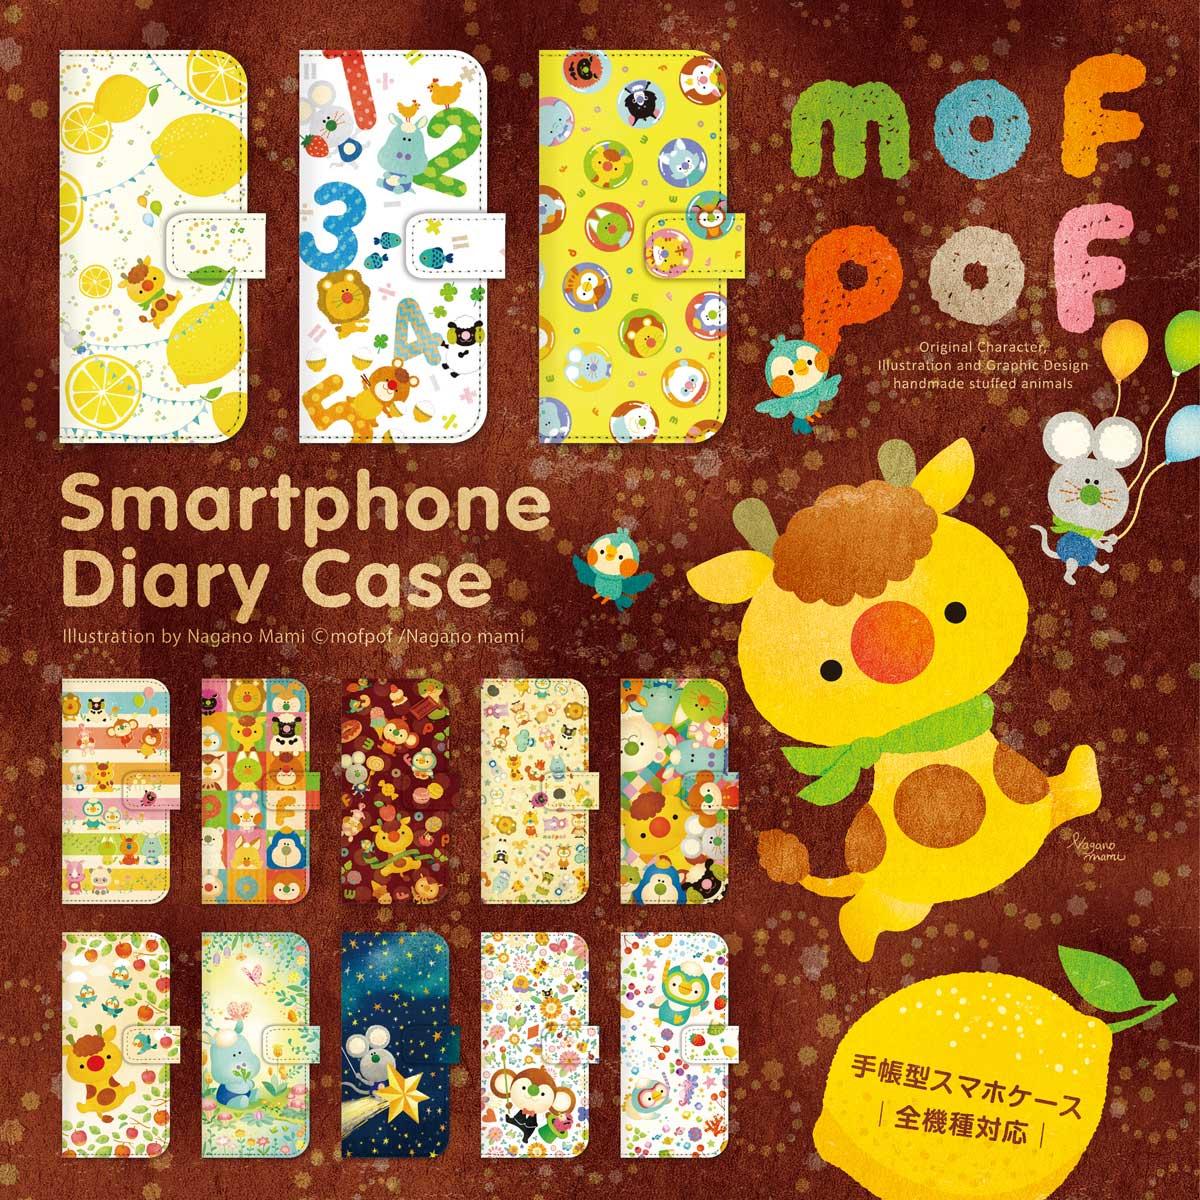 スマホケース 手帳型 全機種対応 手帳 ケース カバー レザー iPhoneX iPhone8 ケース iPhone7ケース iPhone7 iPhone6s Plus iPhone SE Xperia XZ SO-04J so-01j XZs SO-03J X Z5 Z4 Z3 A4 sov35 sov34 aquos R sh-03j sh-02j shv39 Xx3 mofpof 99-zen-105